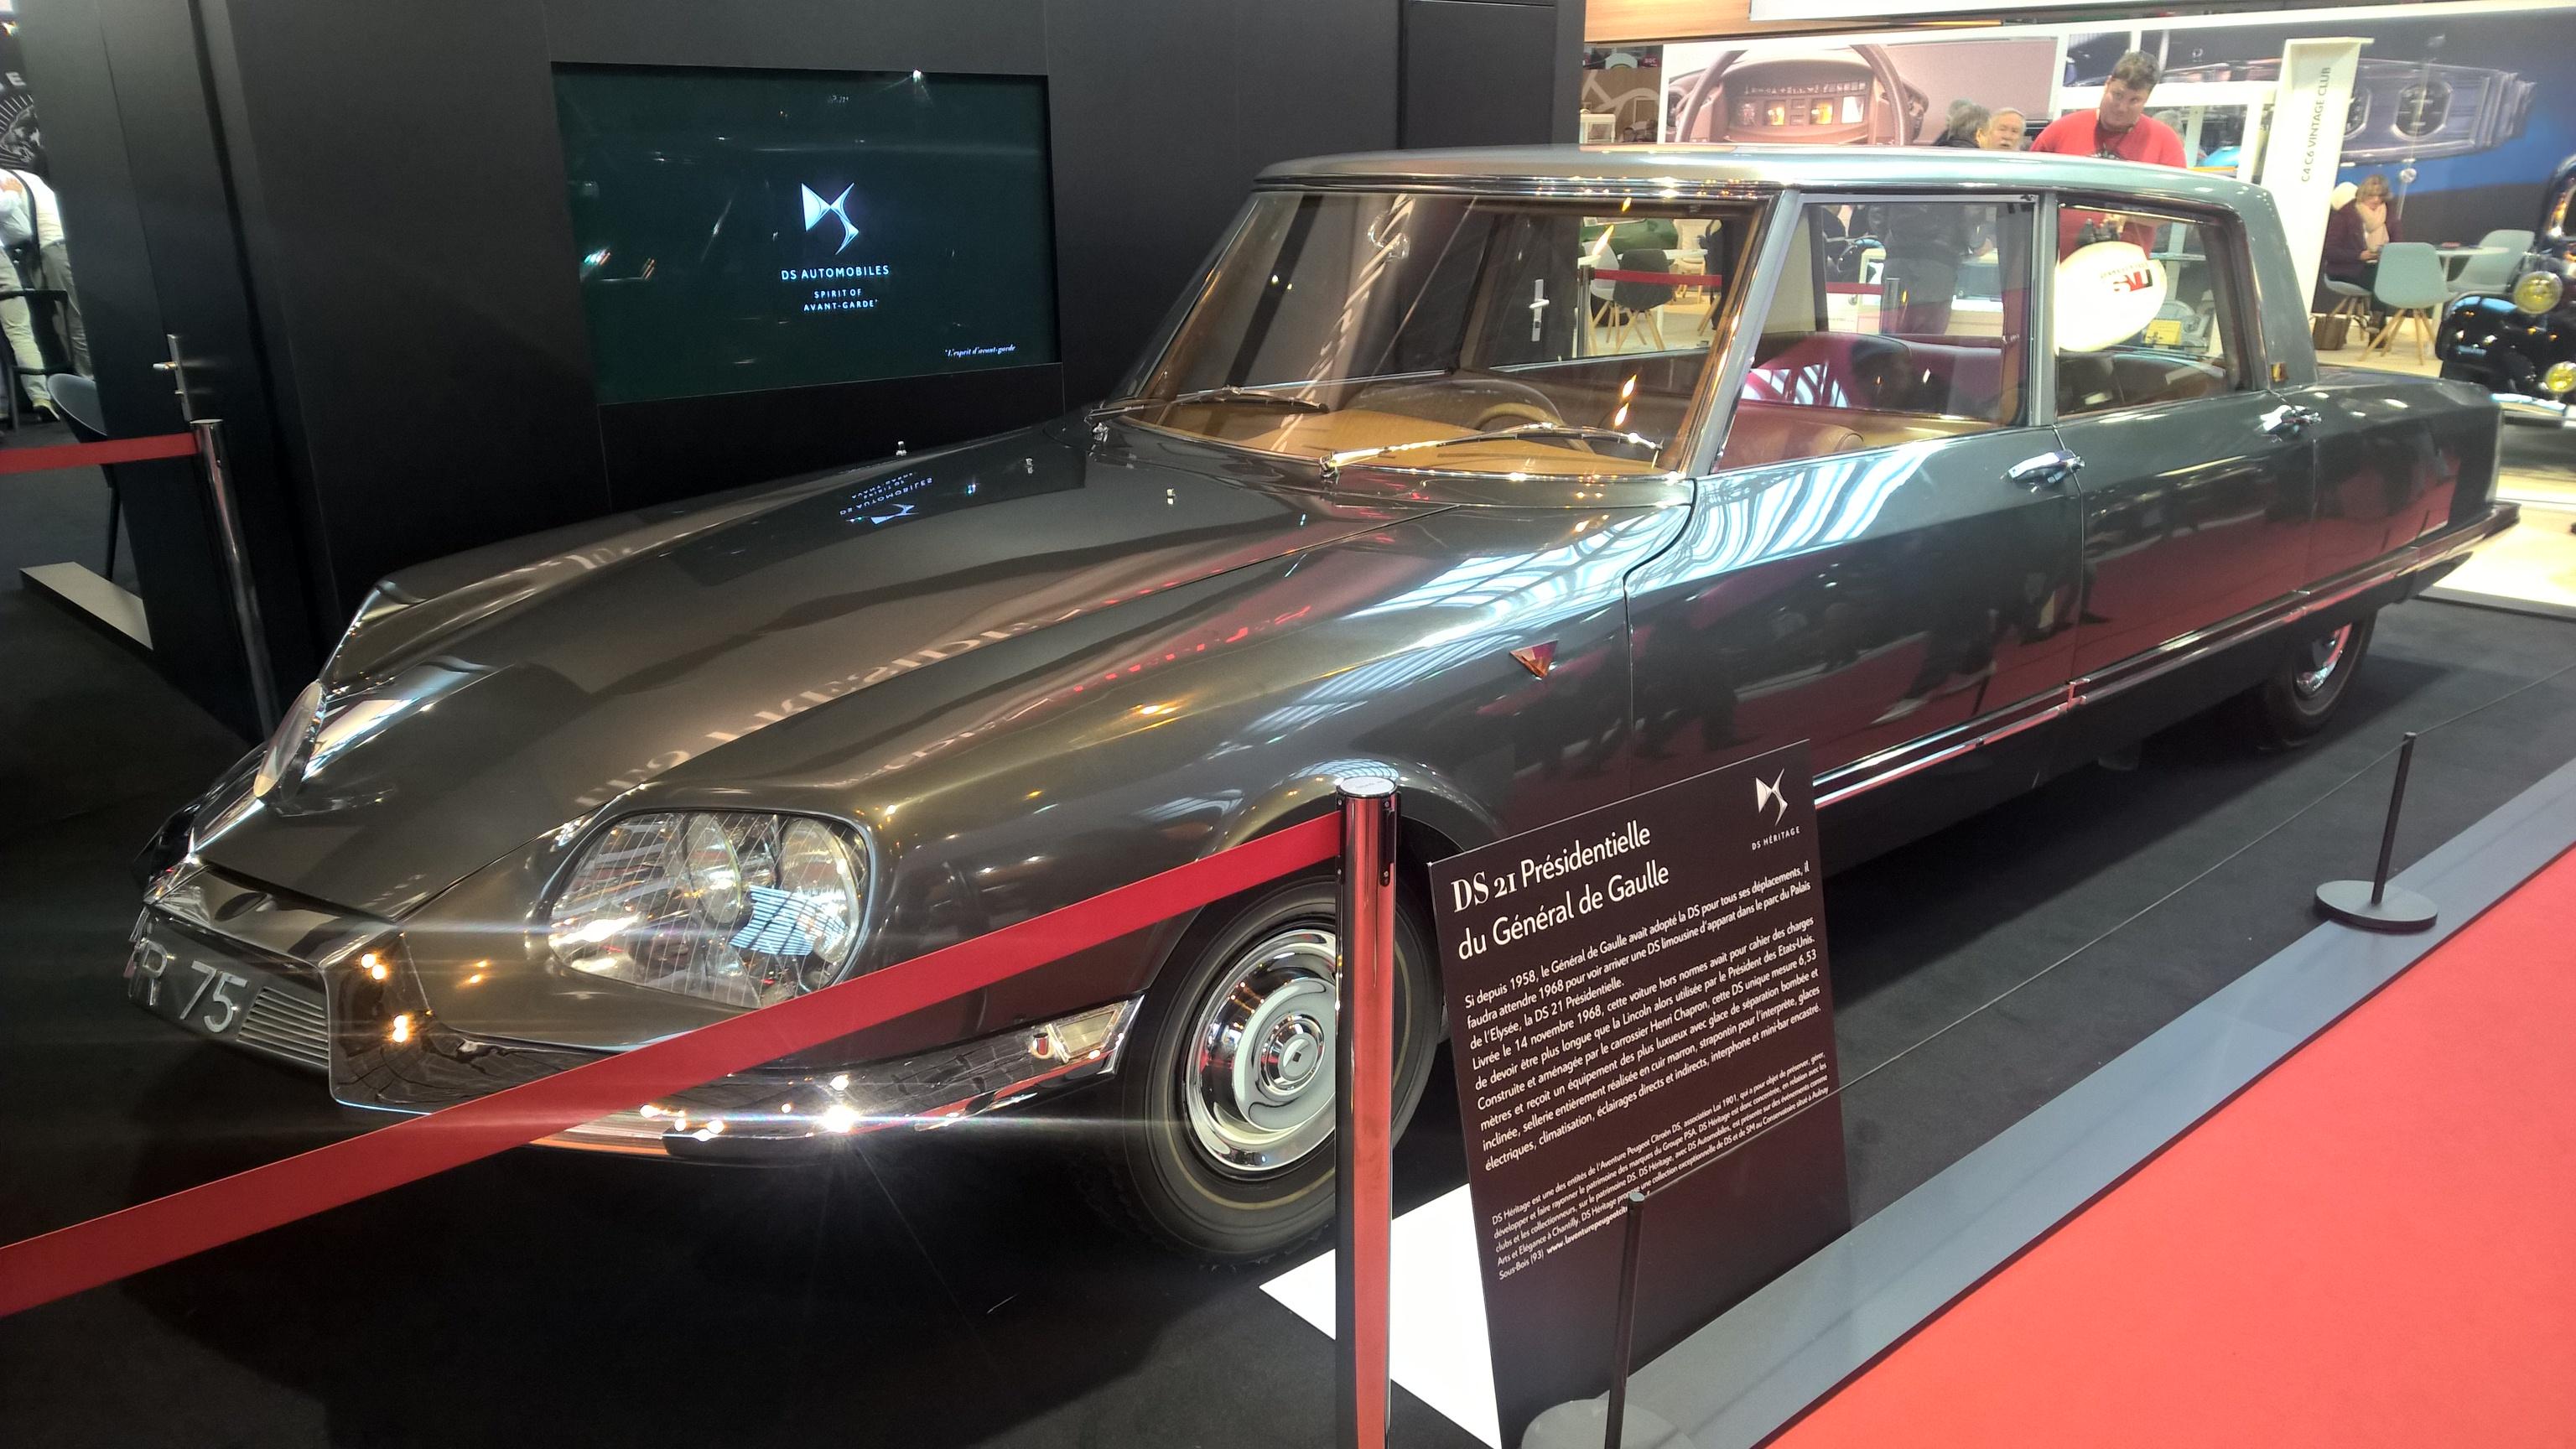 Episk og majestetisk Citroën DS21 Presidentielle. Bygget i 1968 til president Charles de Gaulle, med en totallengde på 6,53 meter, og utrustet med alt det utstyr man kunne få den gang, inkludert intern-telefon og mini-bar.